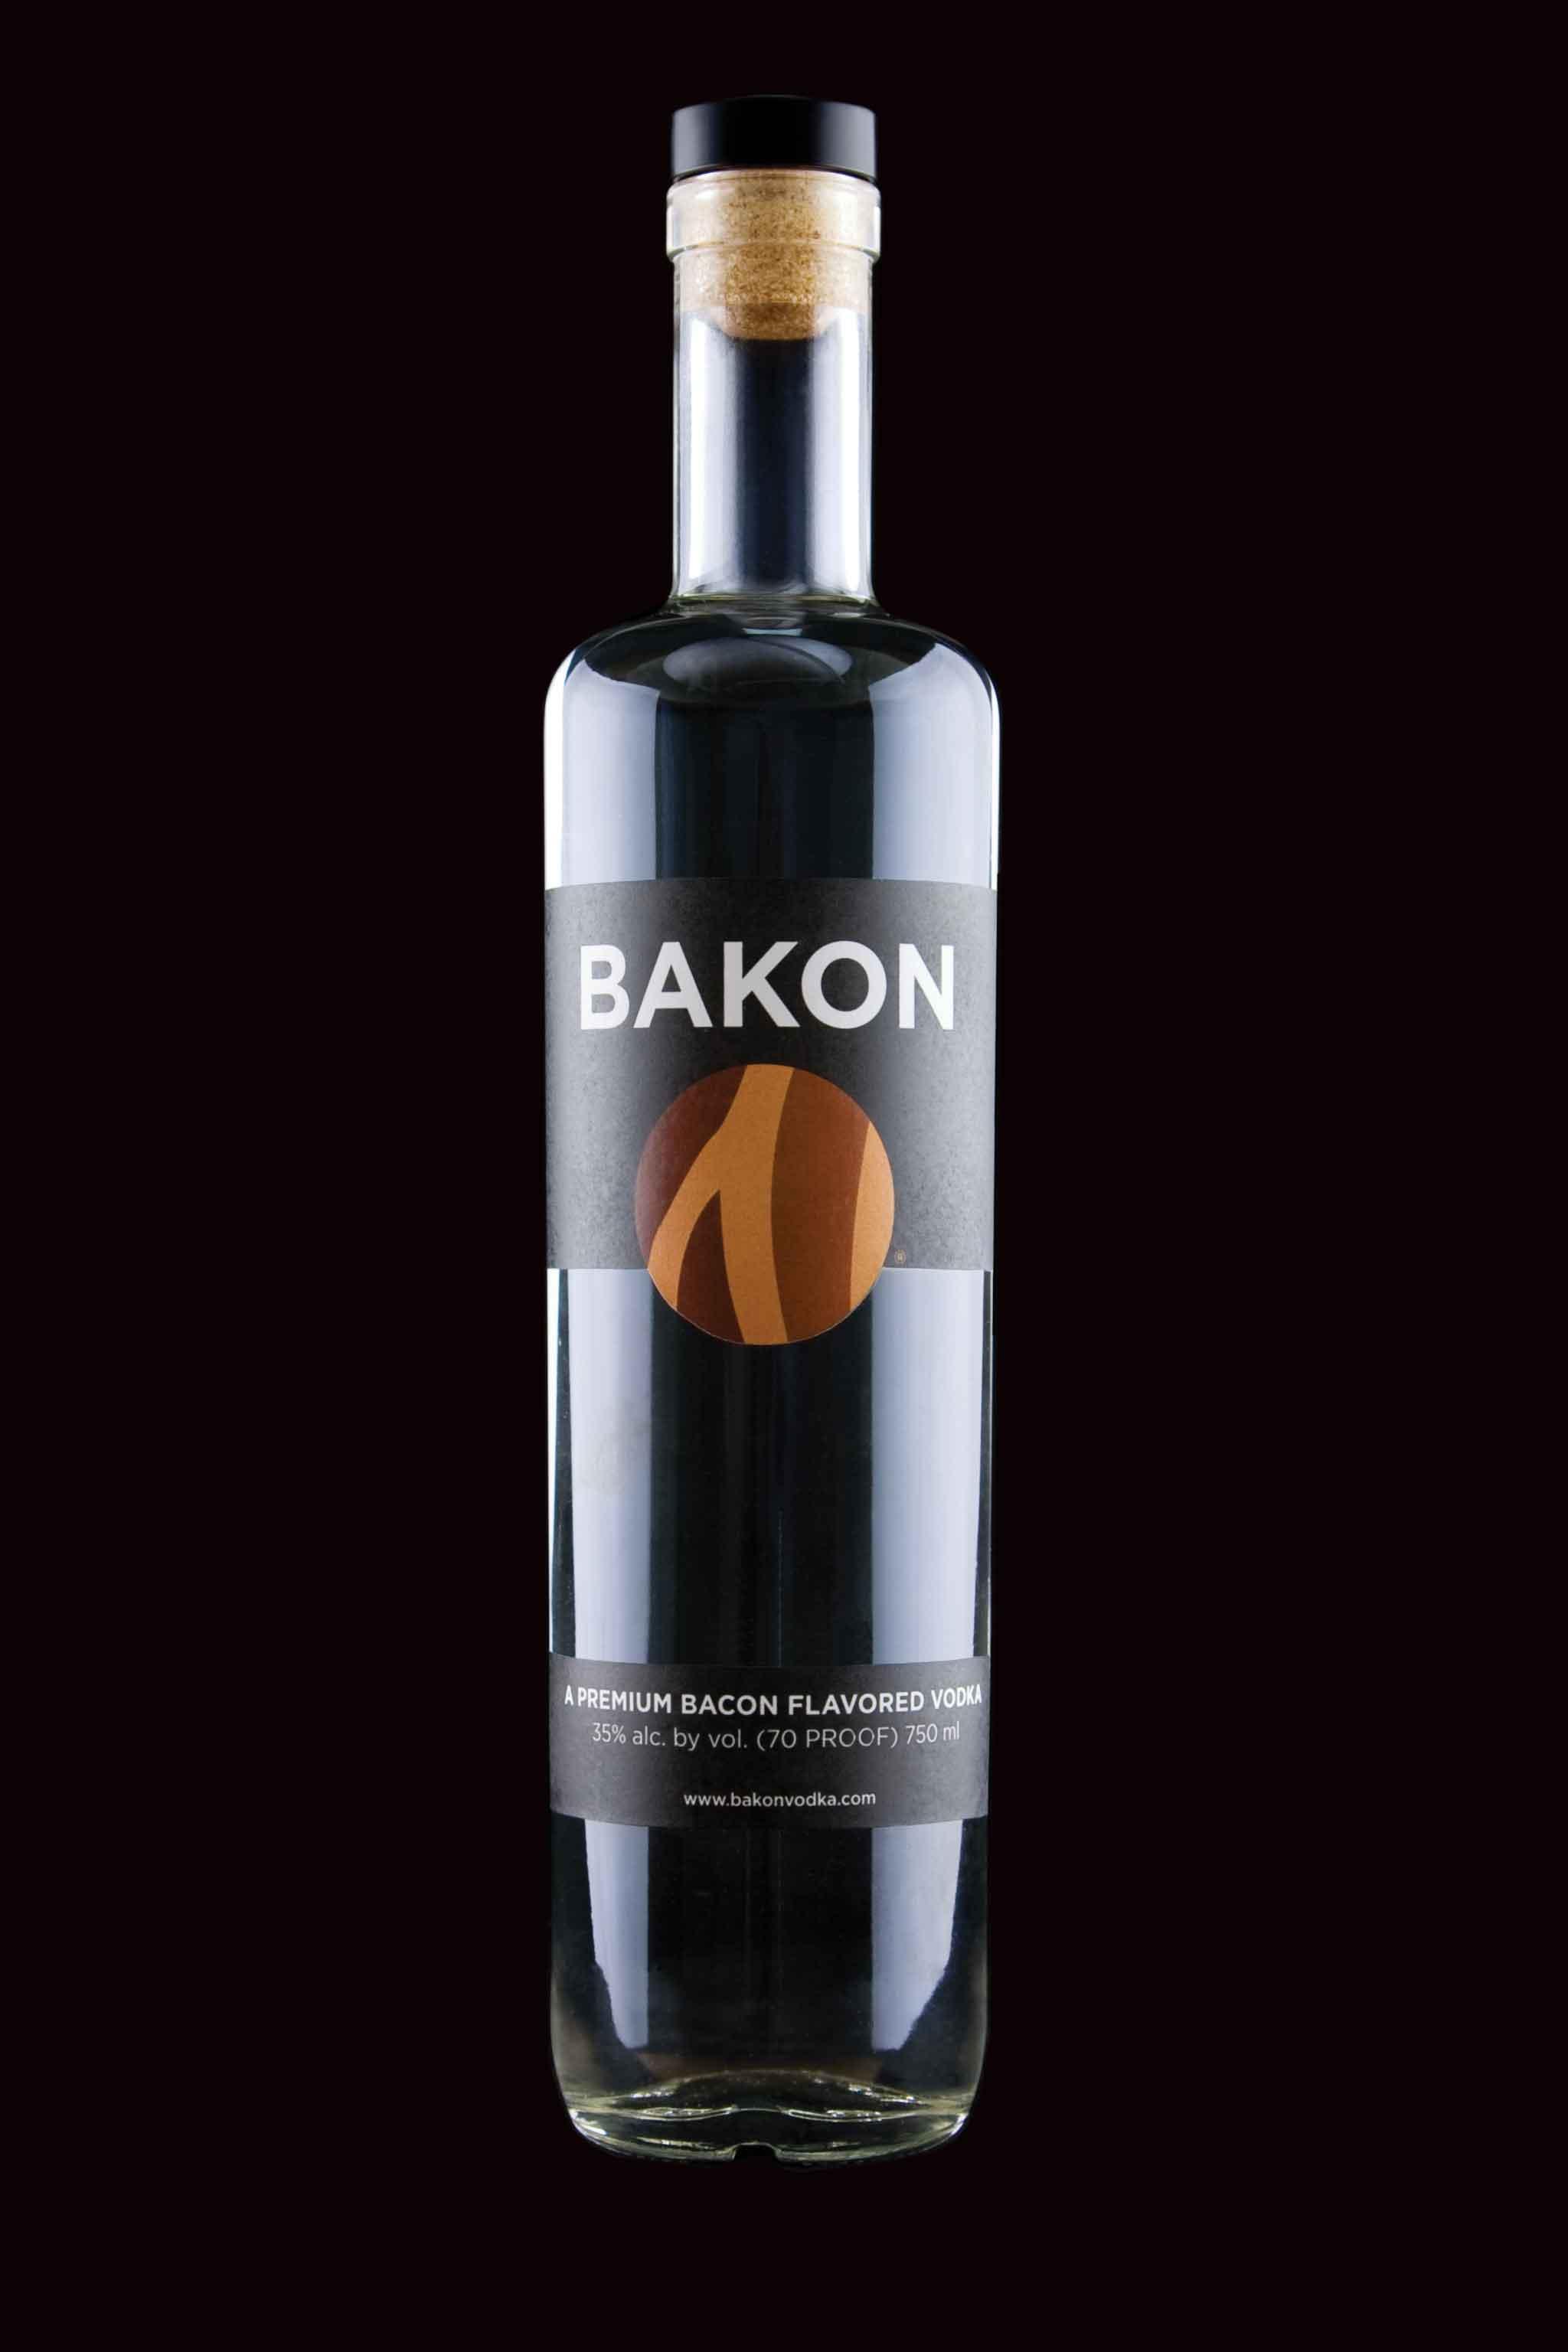 Bakon Vodka Arrives in Rhode Island